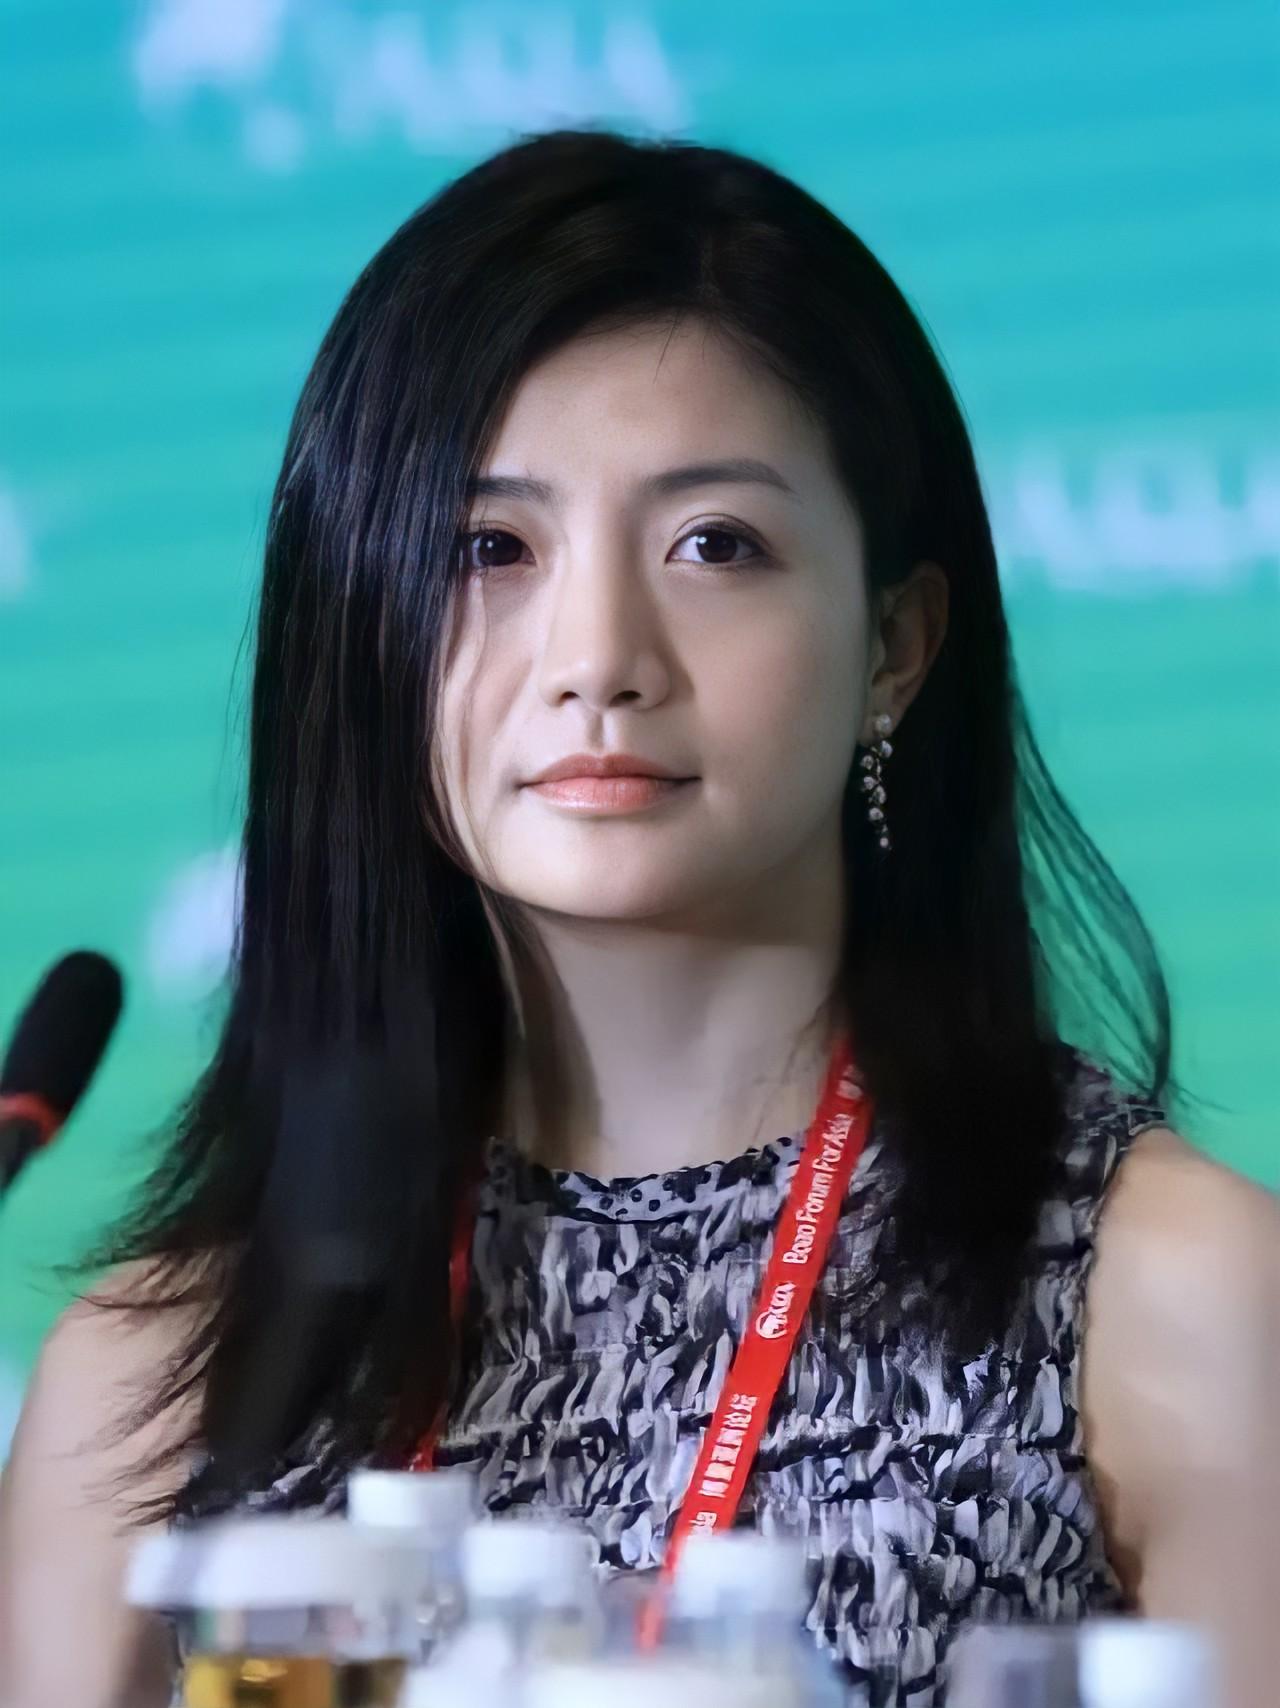 Nữ hoàng tài chính xinh đẹp như búp bê Barbie là ai mà khiến Jack Ma phải 3 lần bay đến tận Thung lũng Silicon để thu phục? - Ảnh 1.